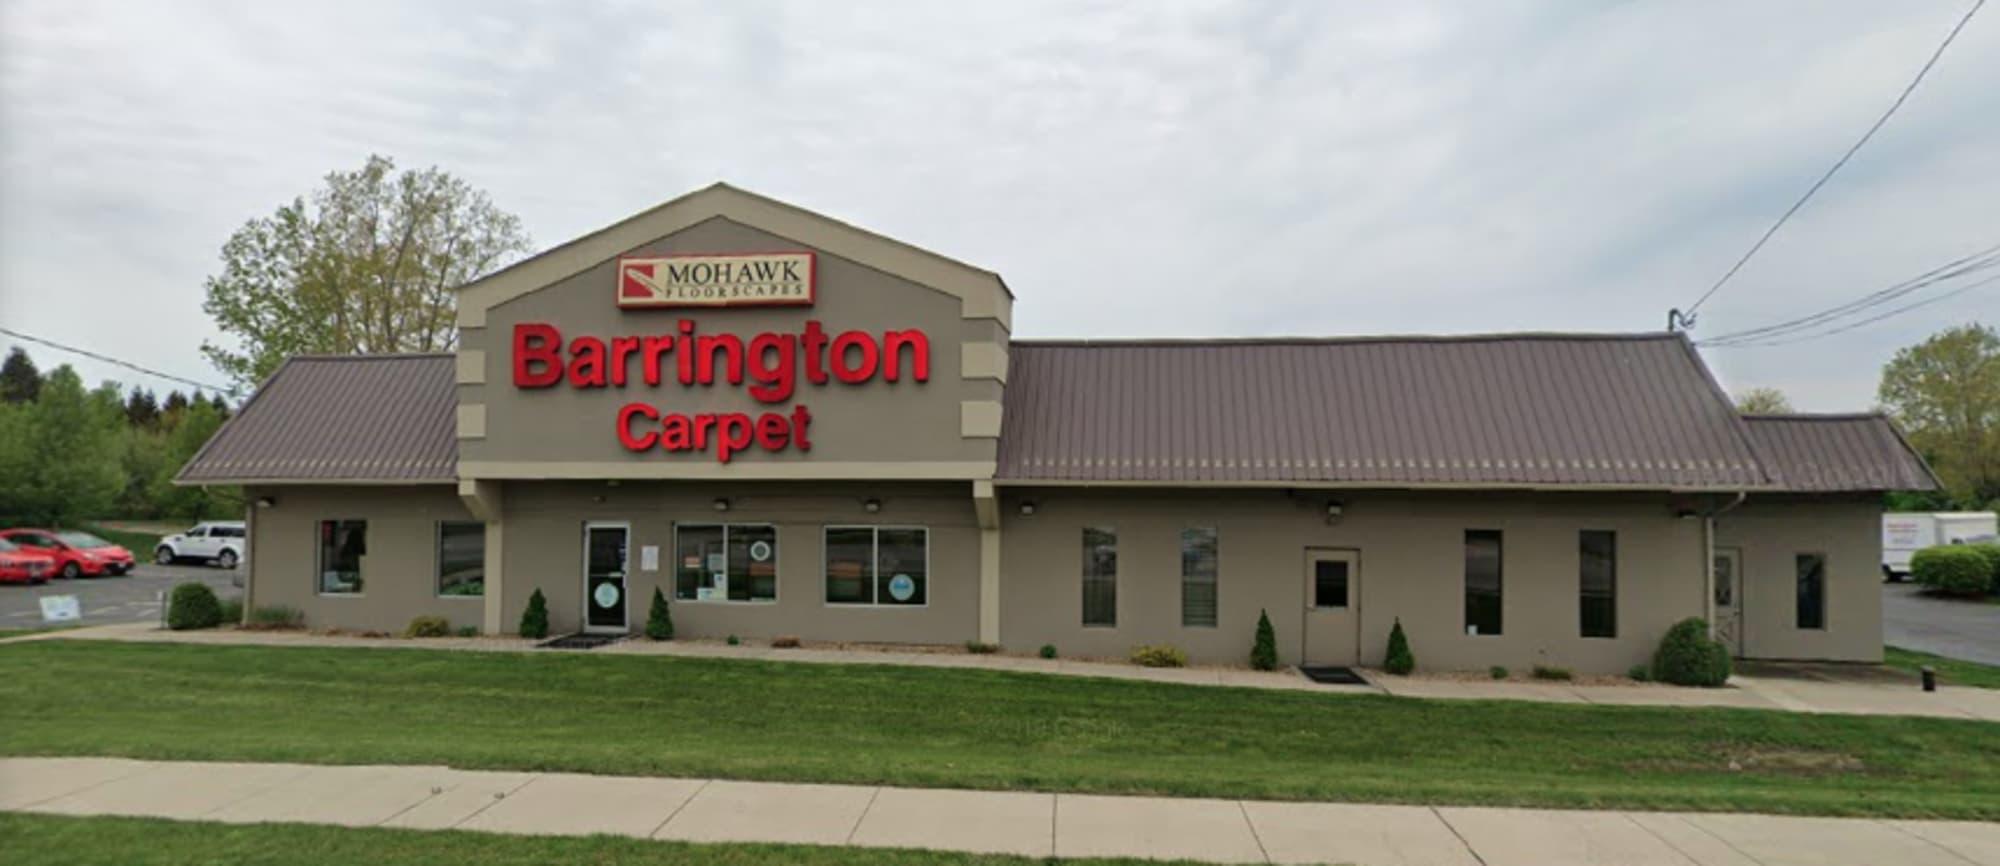 Barrington Carpet - 3602 S Arlington Rd Akron, OH 44312